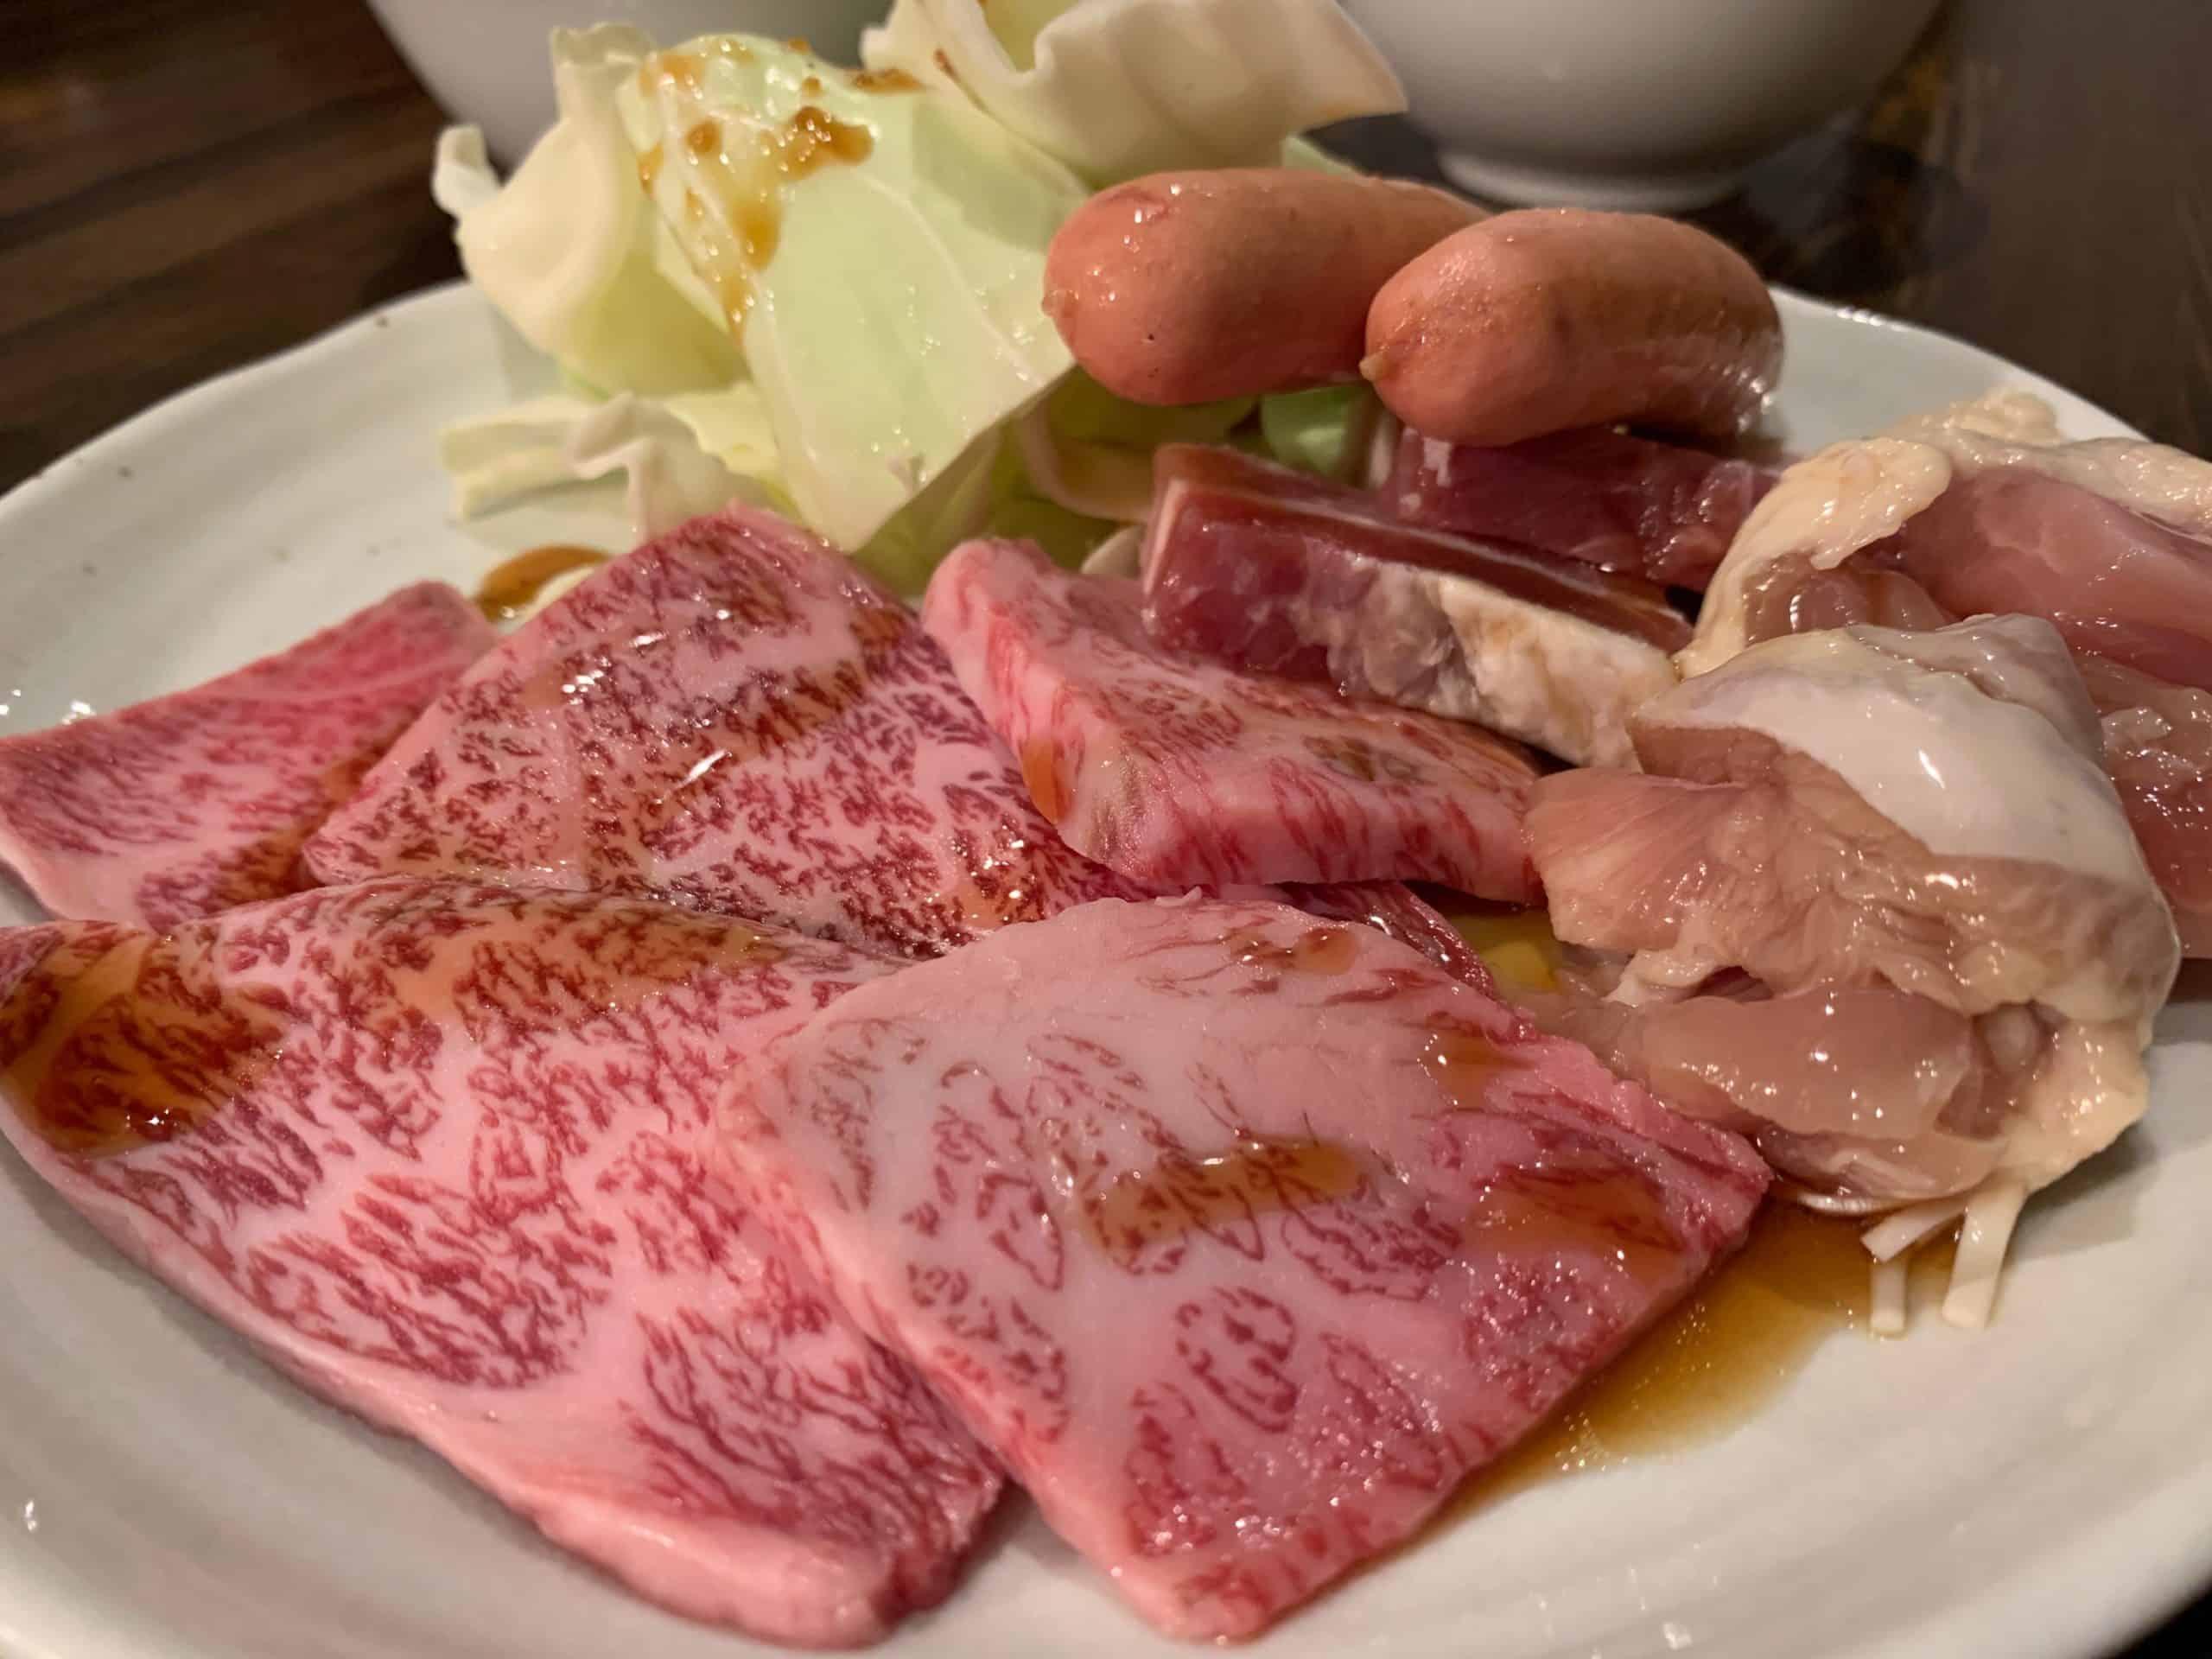 いちき串木野市「だいにんぐ味彩」でモノが違う焼肉とハンバーグを堪能した